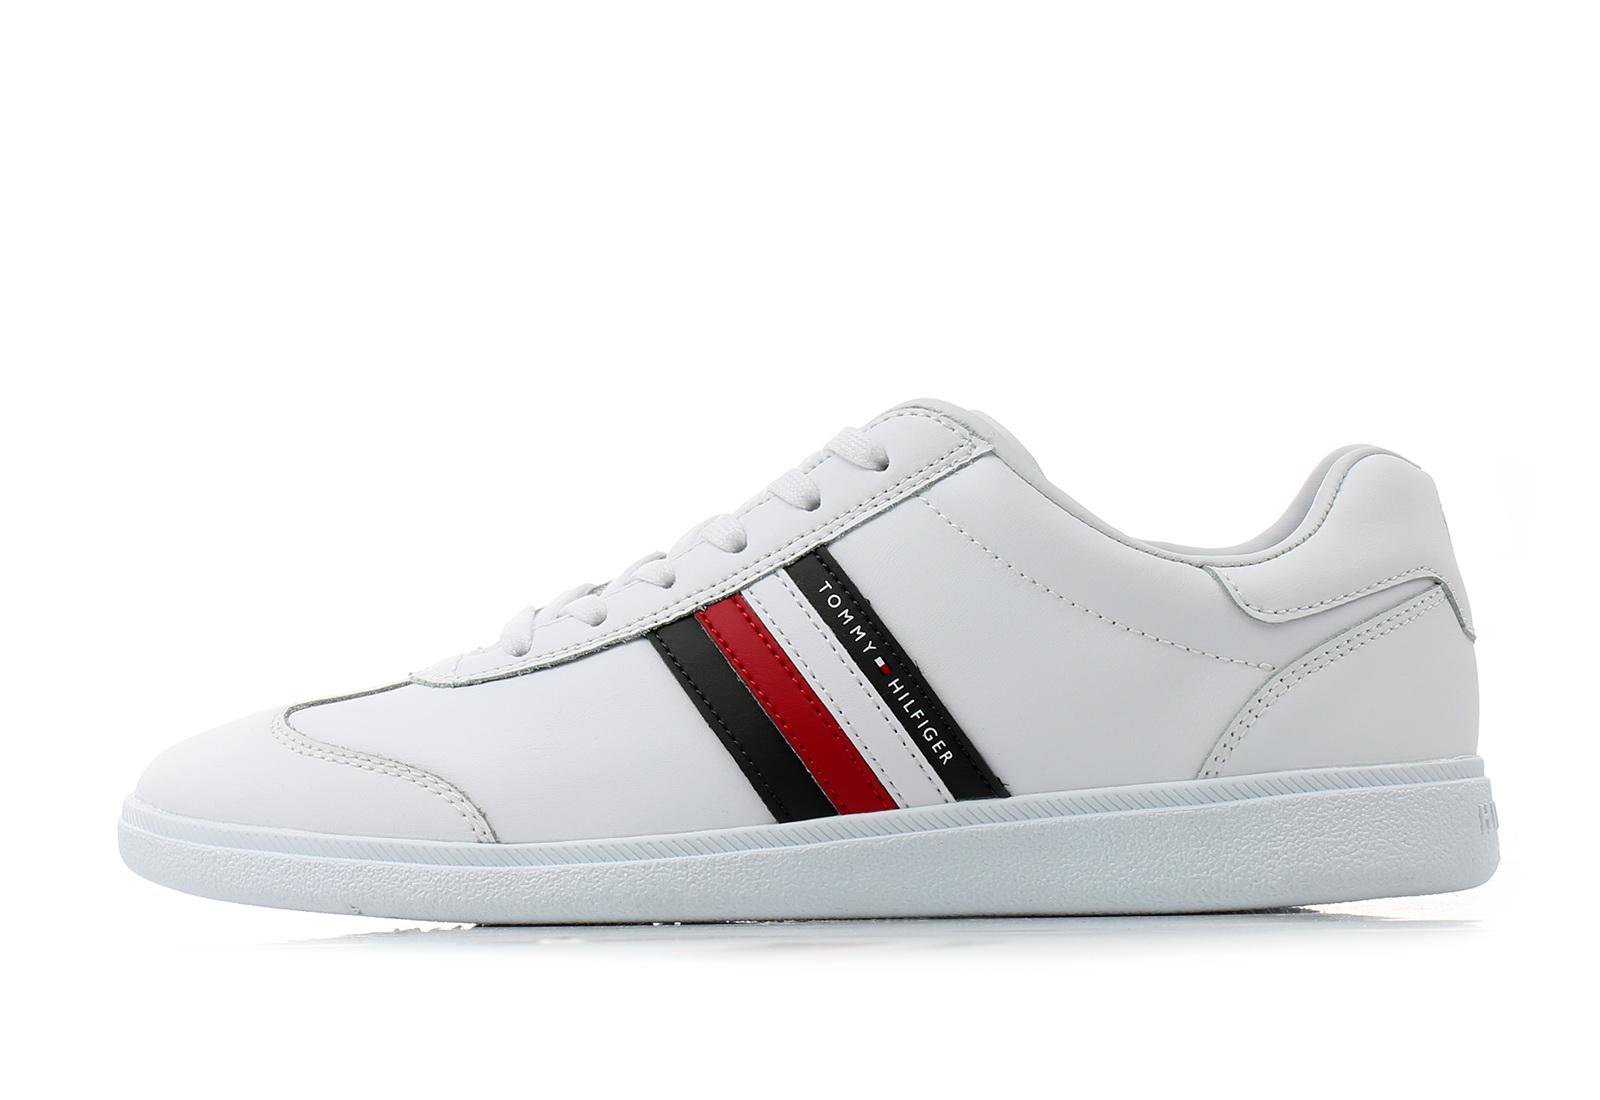 a721d8832128 Tommy Hilfiger Cipő - Danny 13a - 19S-2038-100 - Office Shoes ...